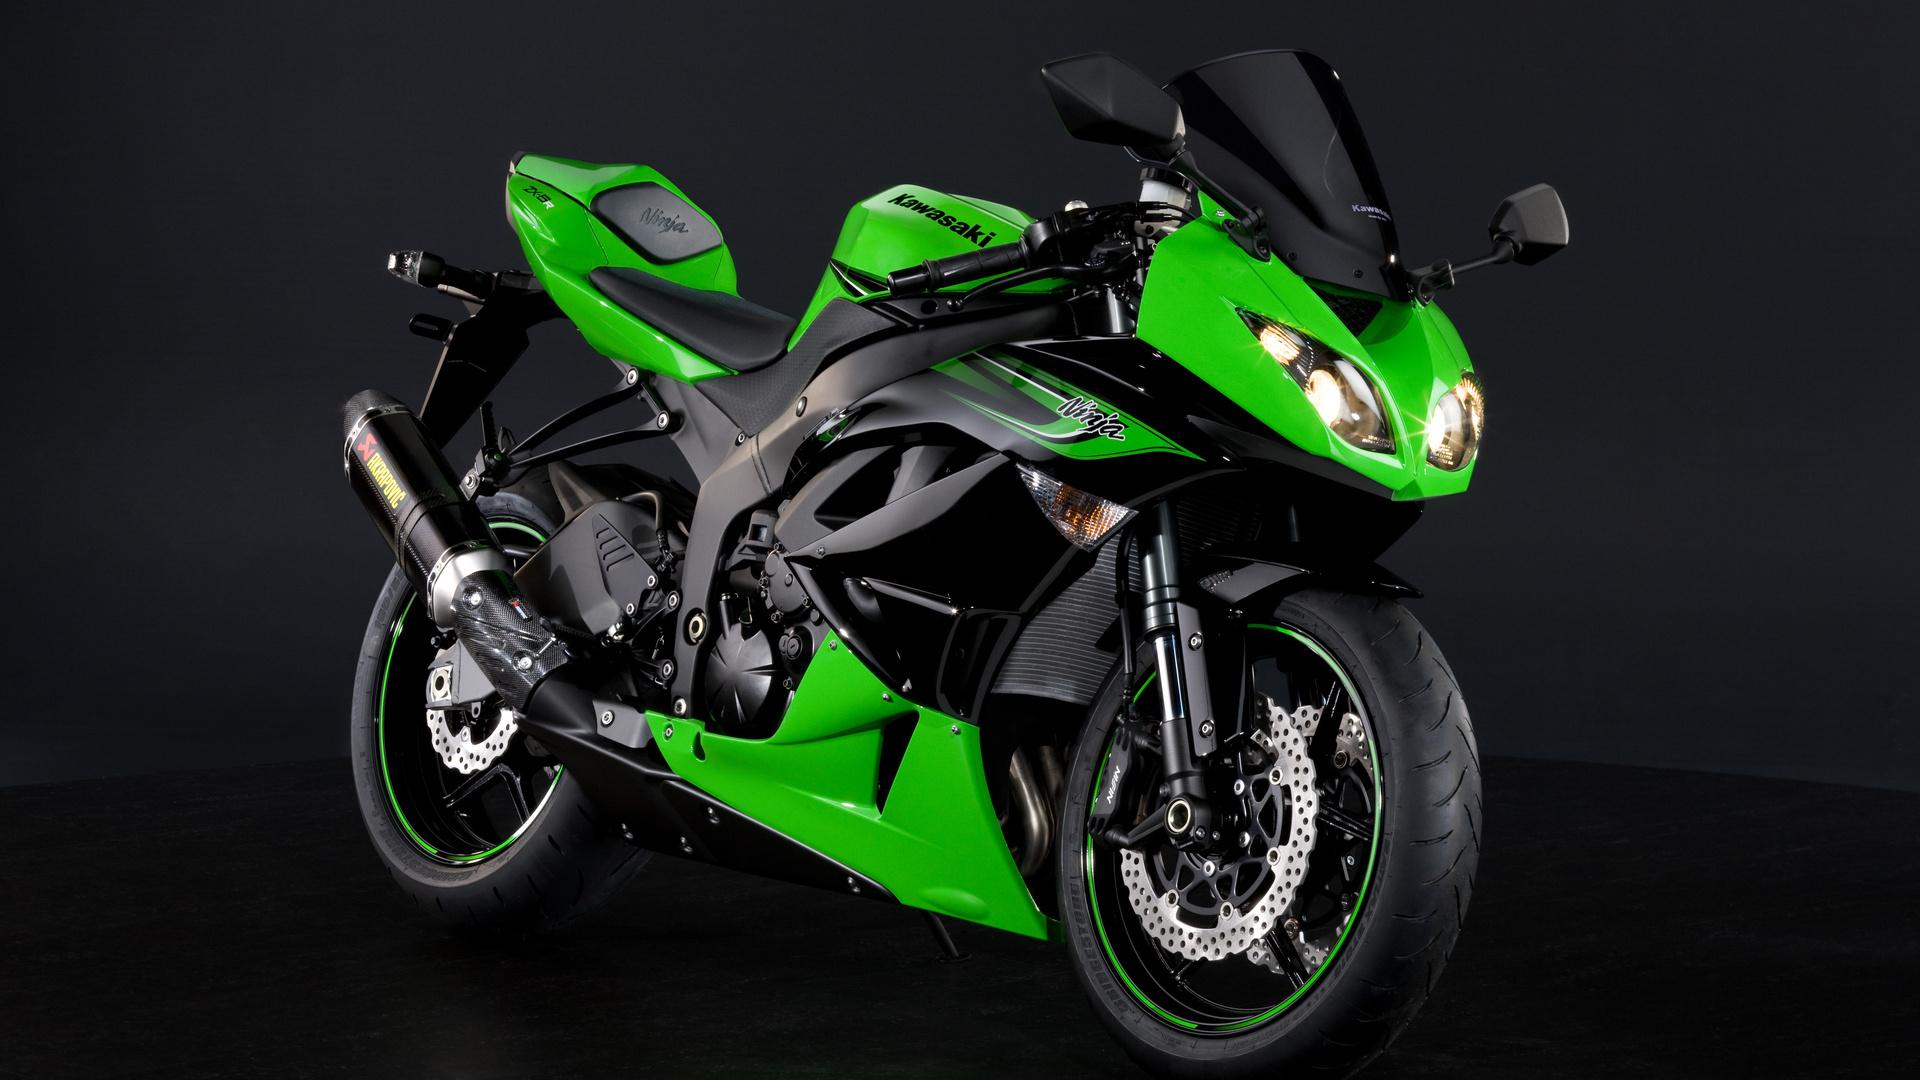 интерьер картинки с мотоциклами скоростными свет